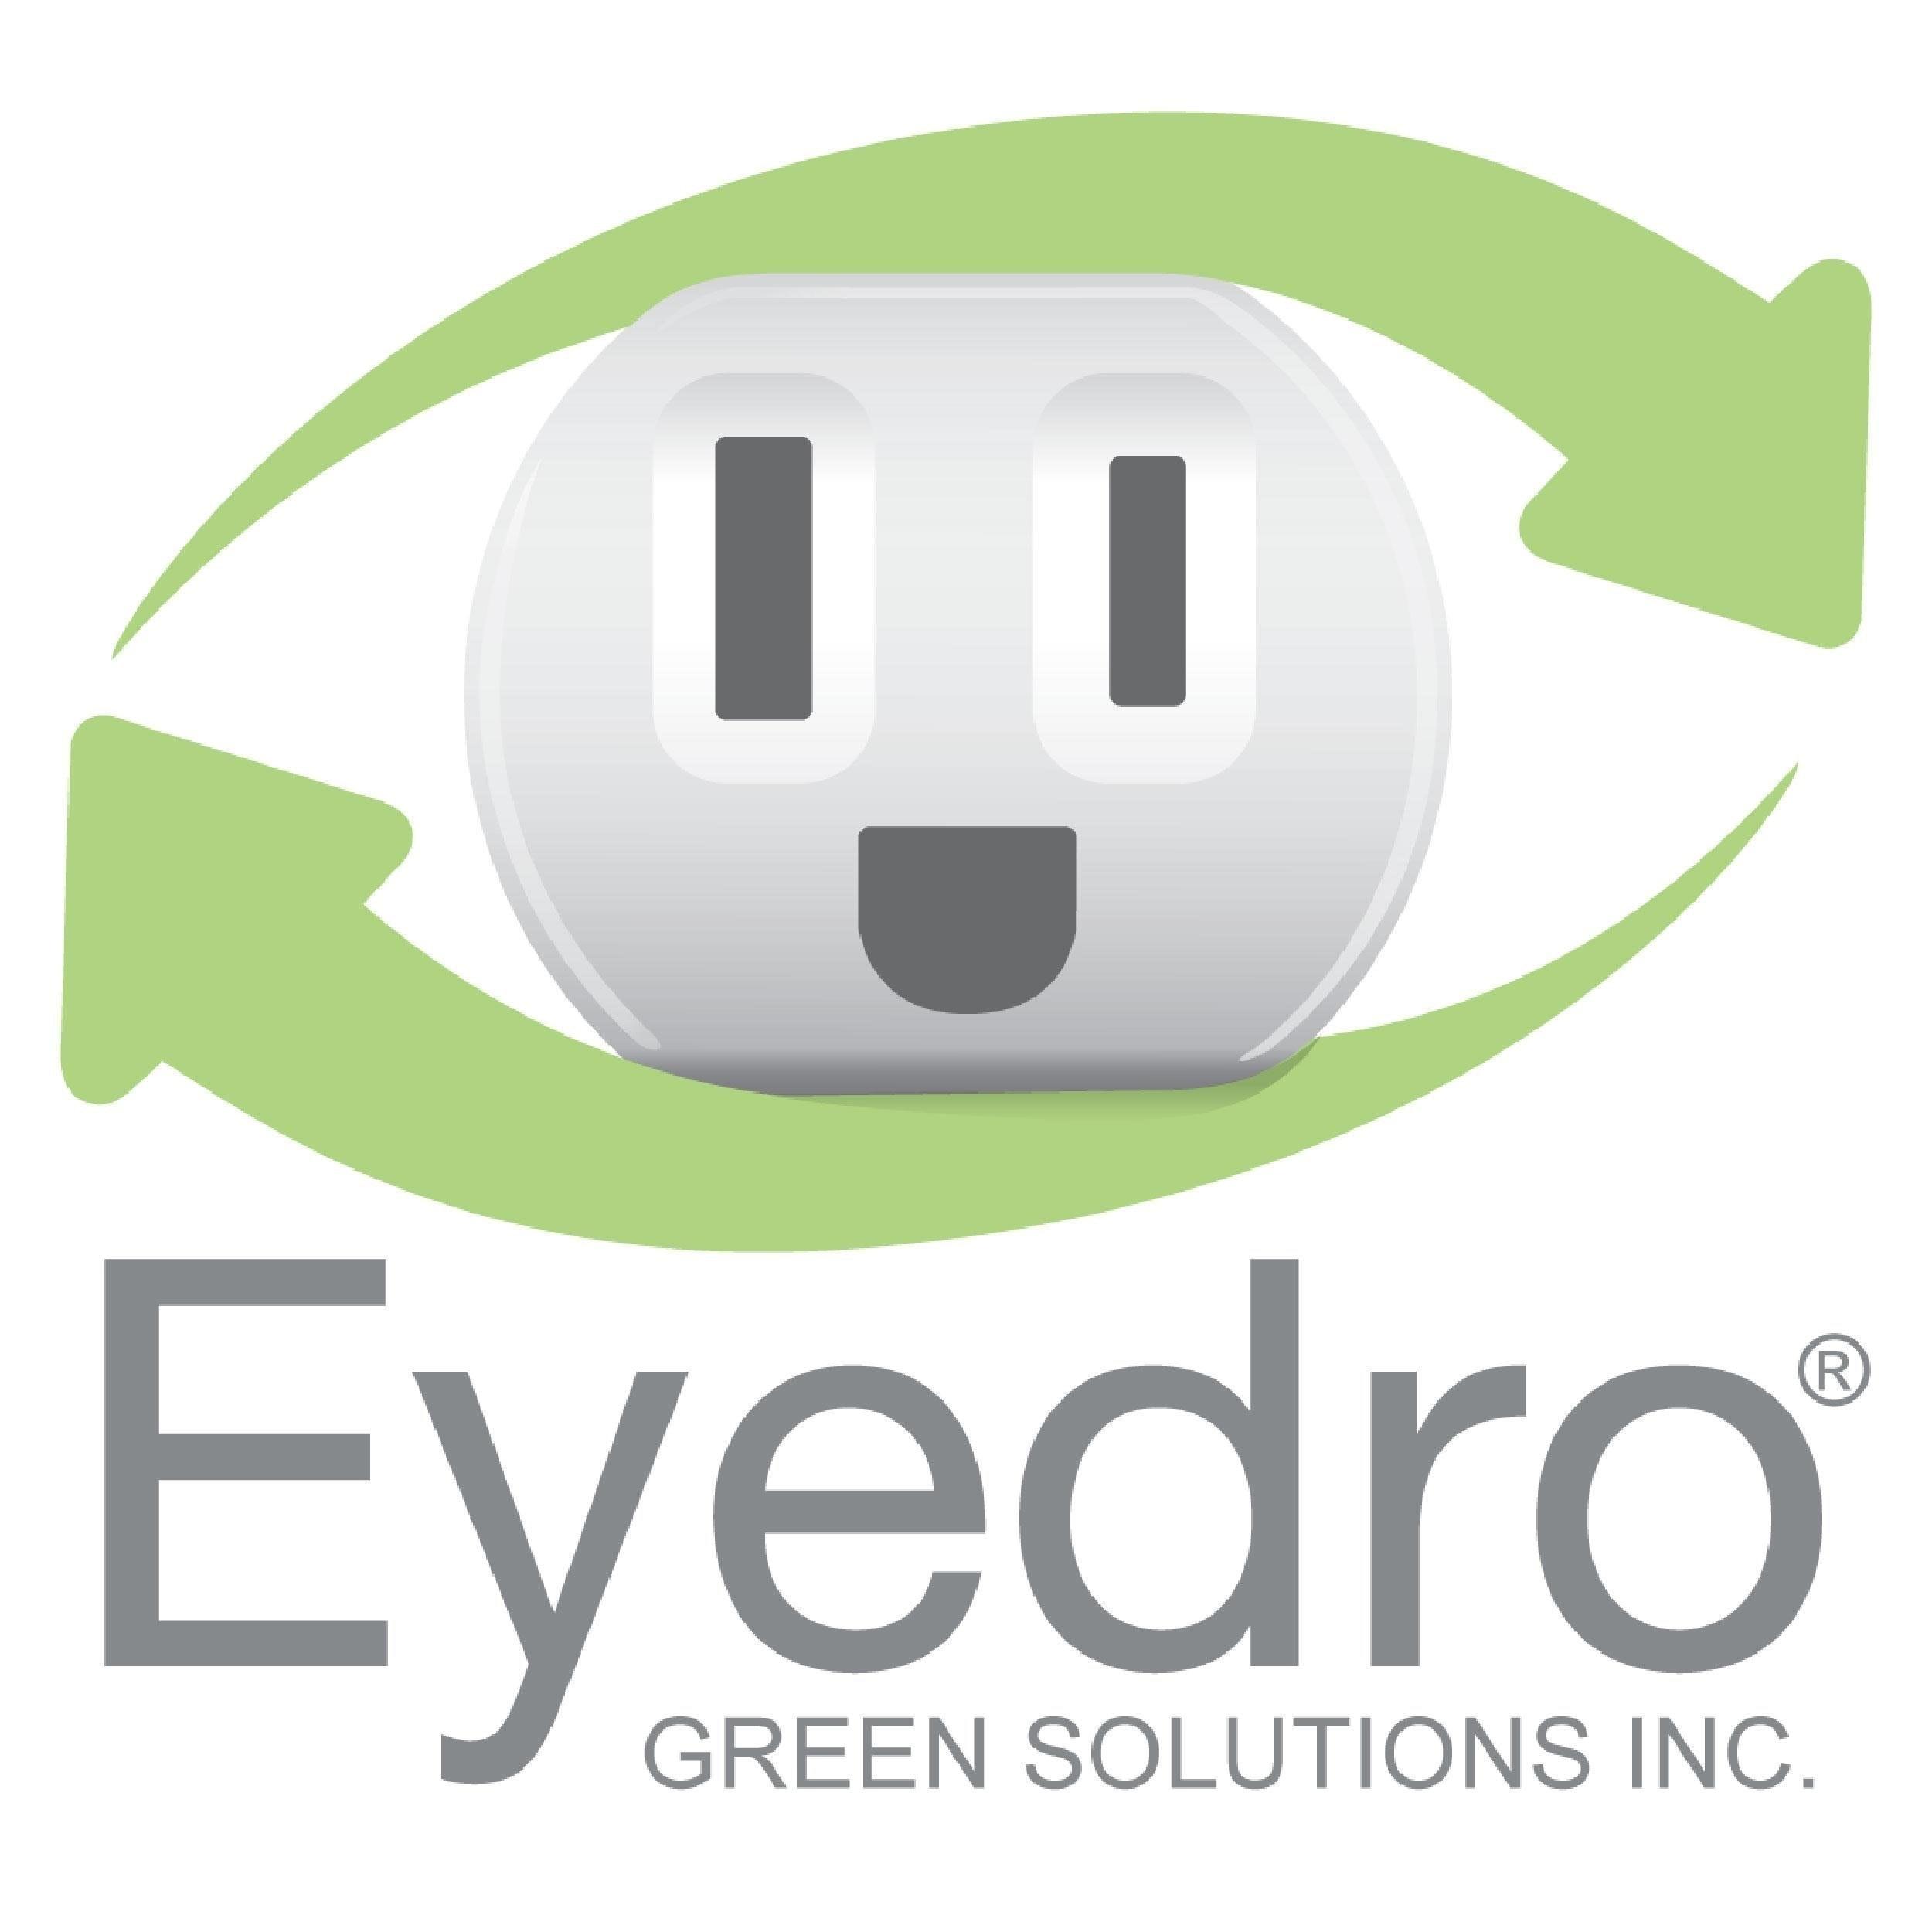 Eyedro